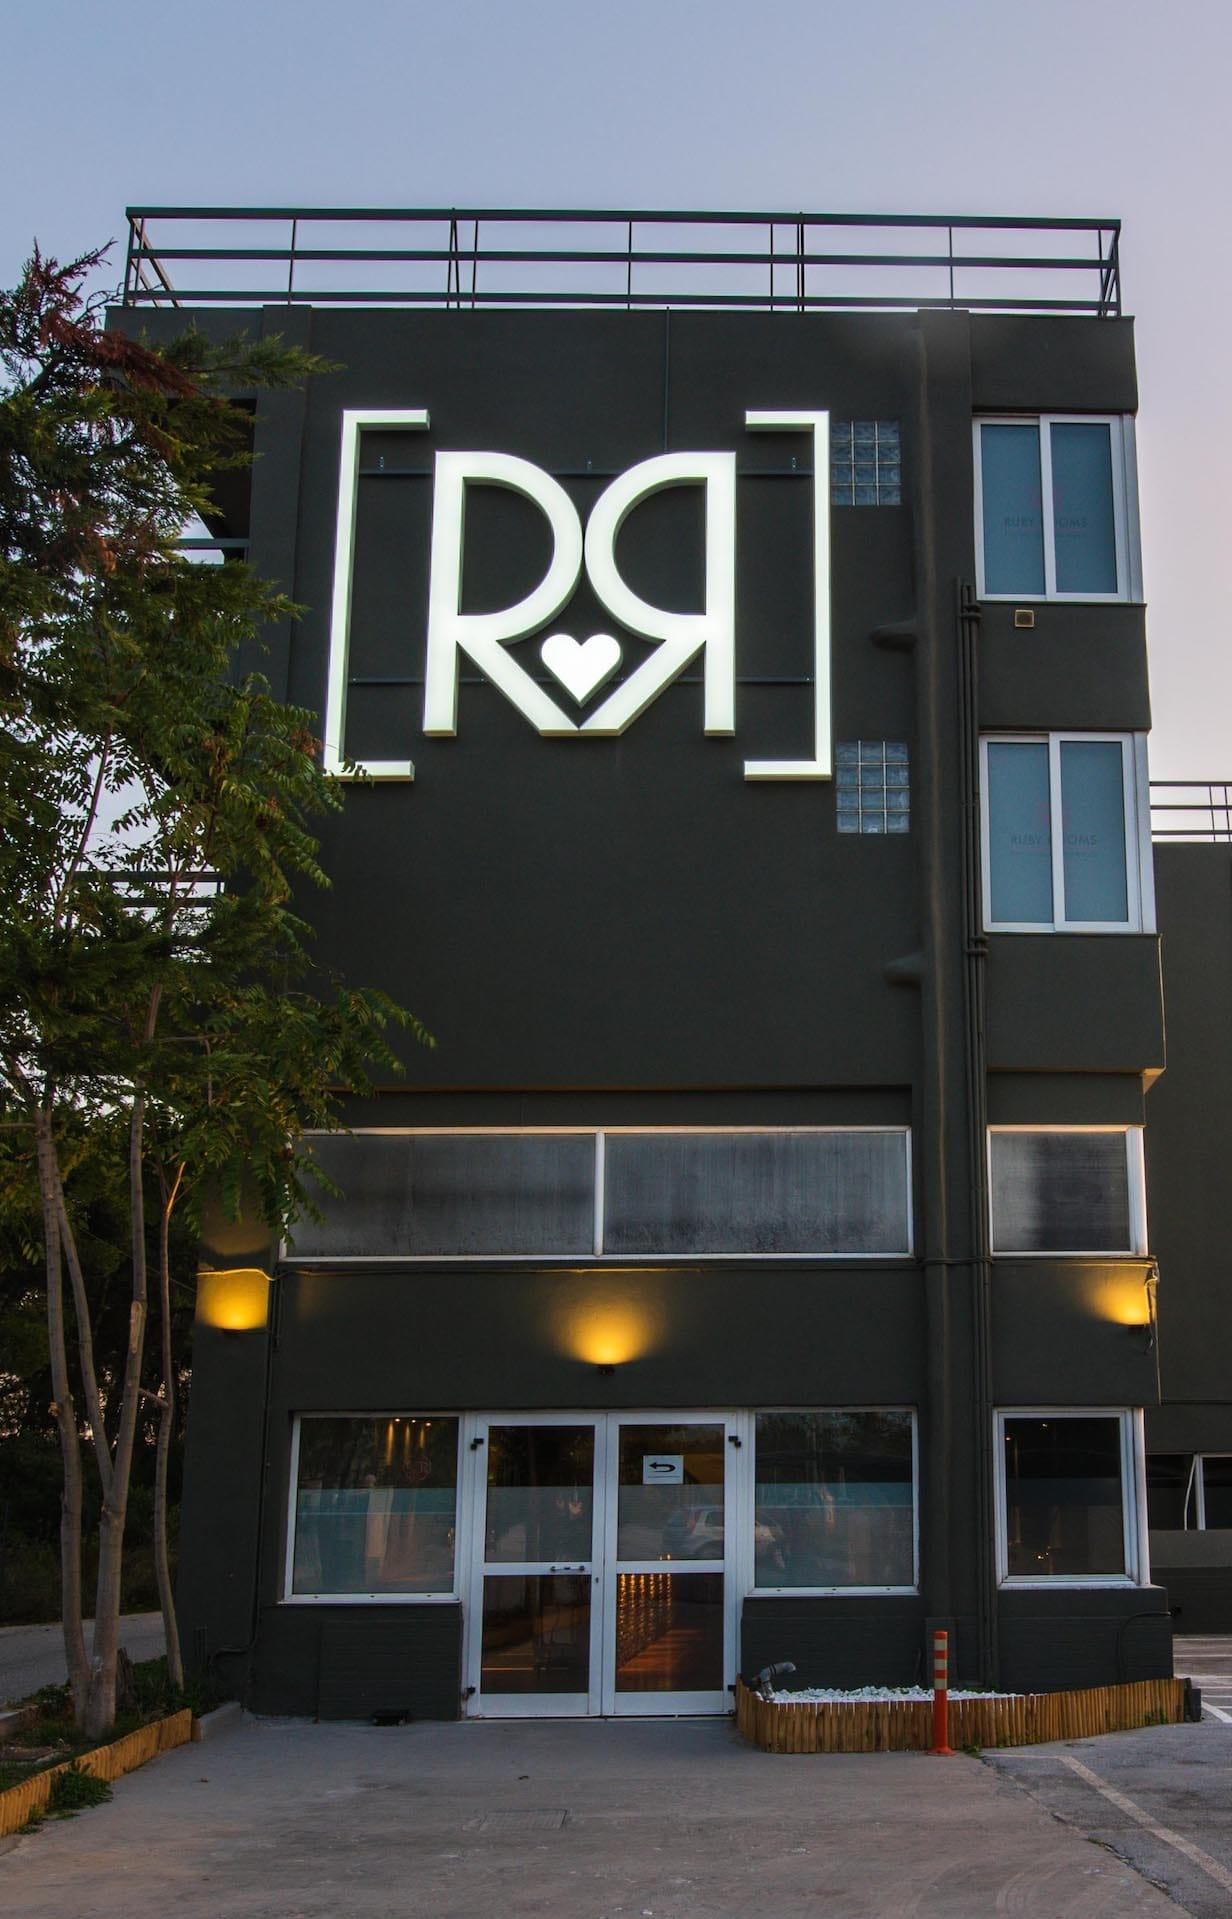 Το Ruby Rooms. Ξενοδοχείο για διαμονή και ημιδιαμονή στην Κηφισιά και στα Βόρεια Προάστια.